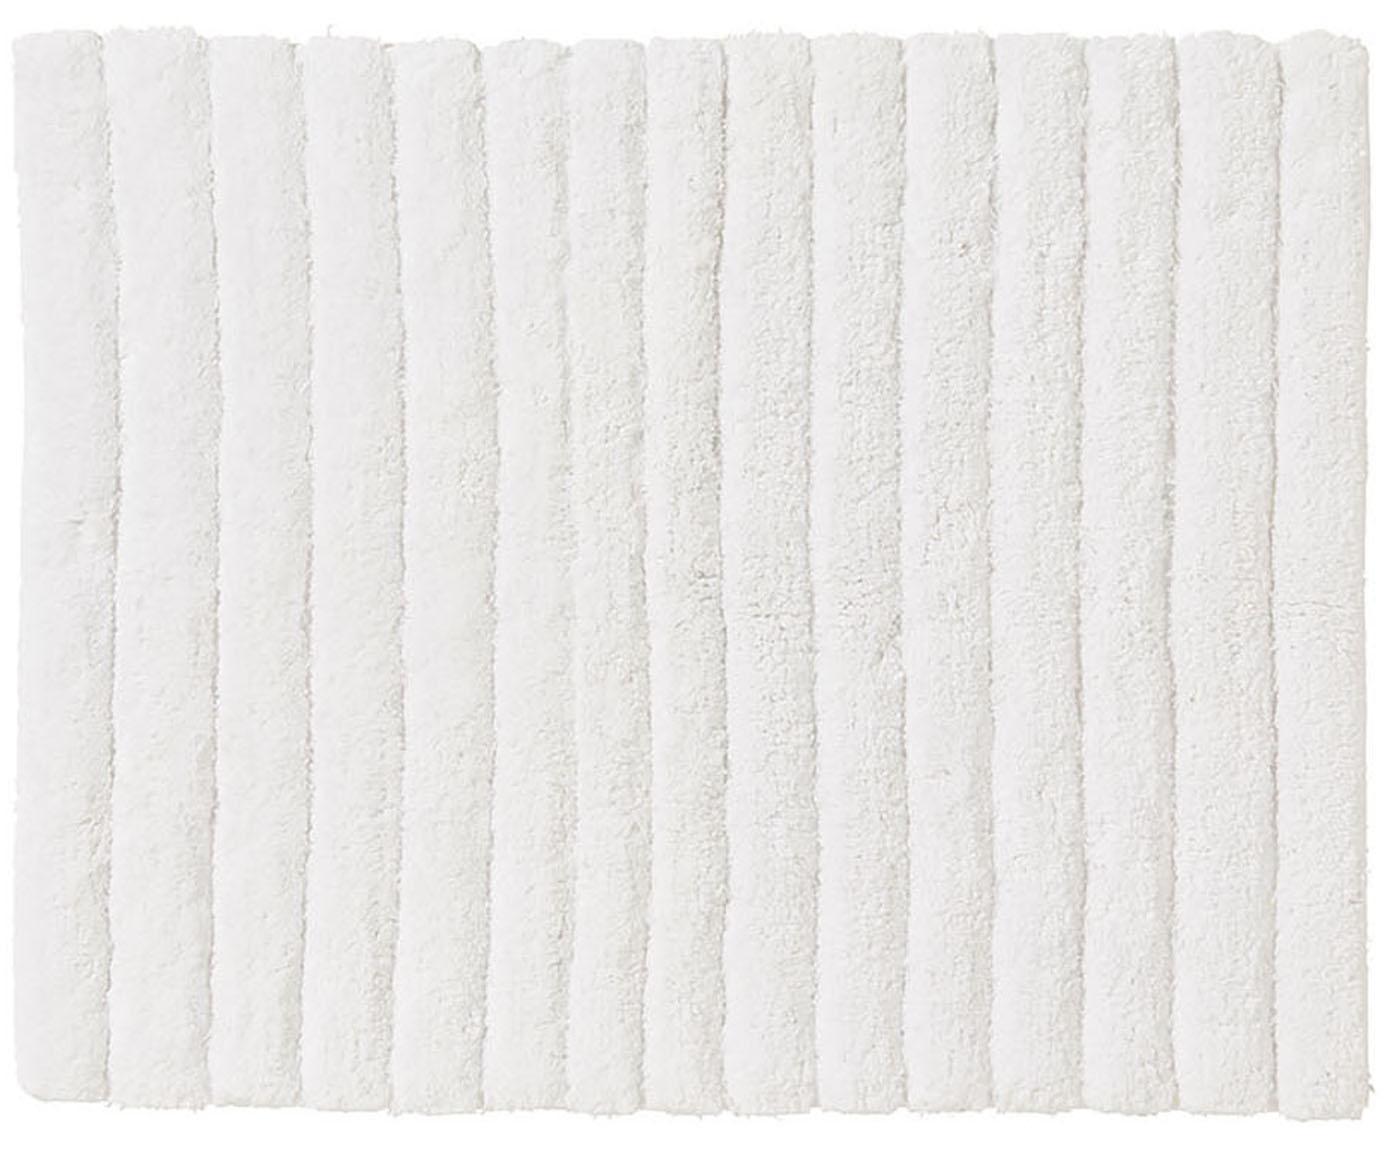 Dywanik łazienkowy Board, Bawełna, wysokagramatura, 1900g/m², Biały, S 50 x D 60 cm